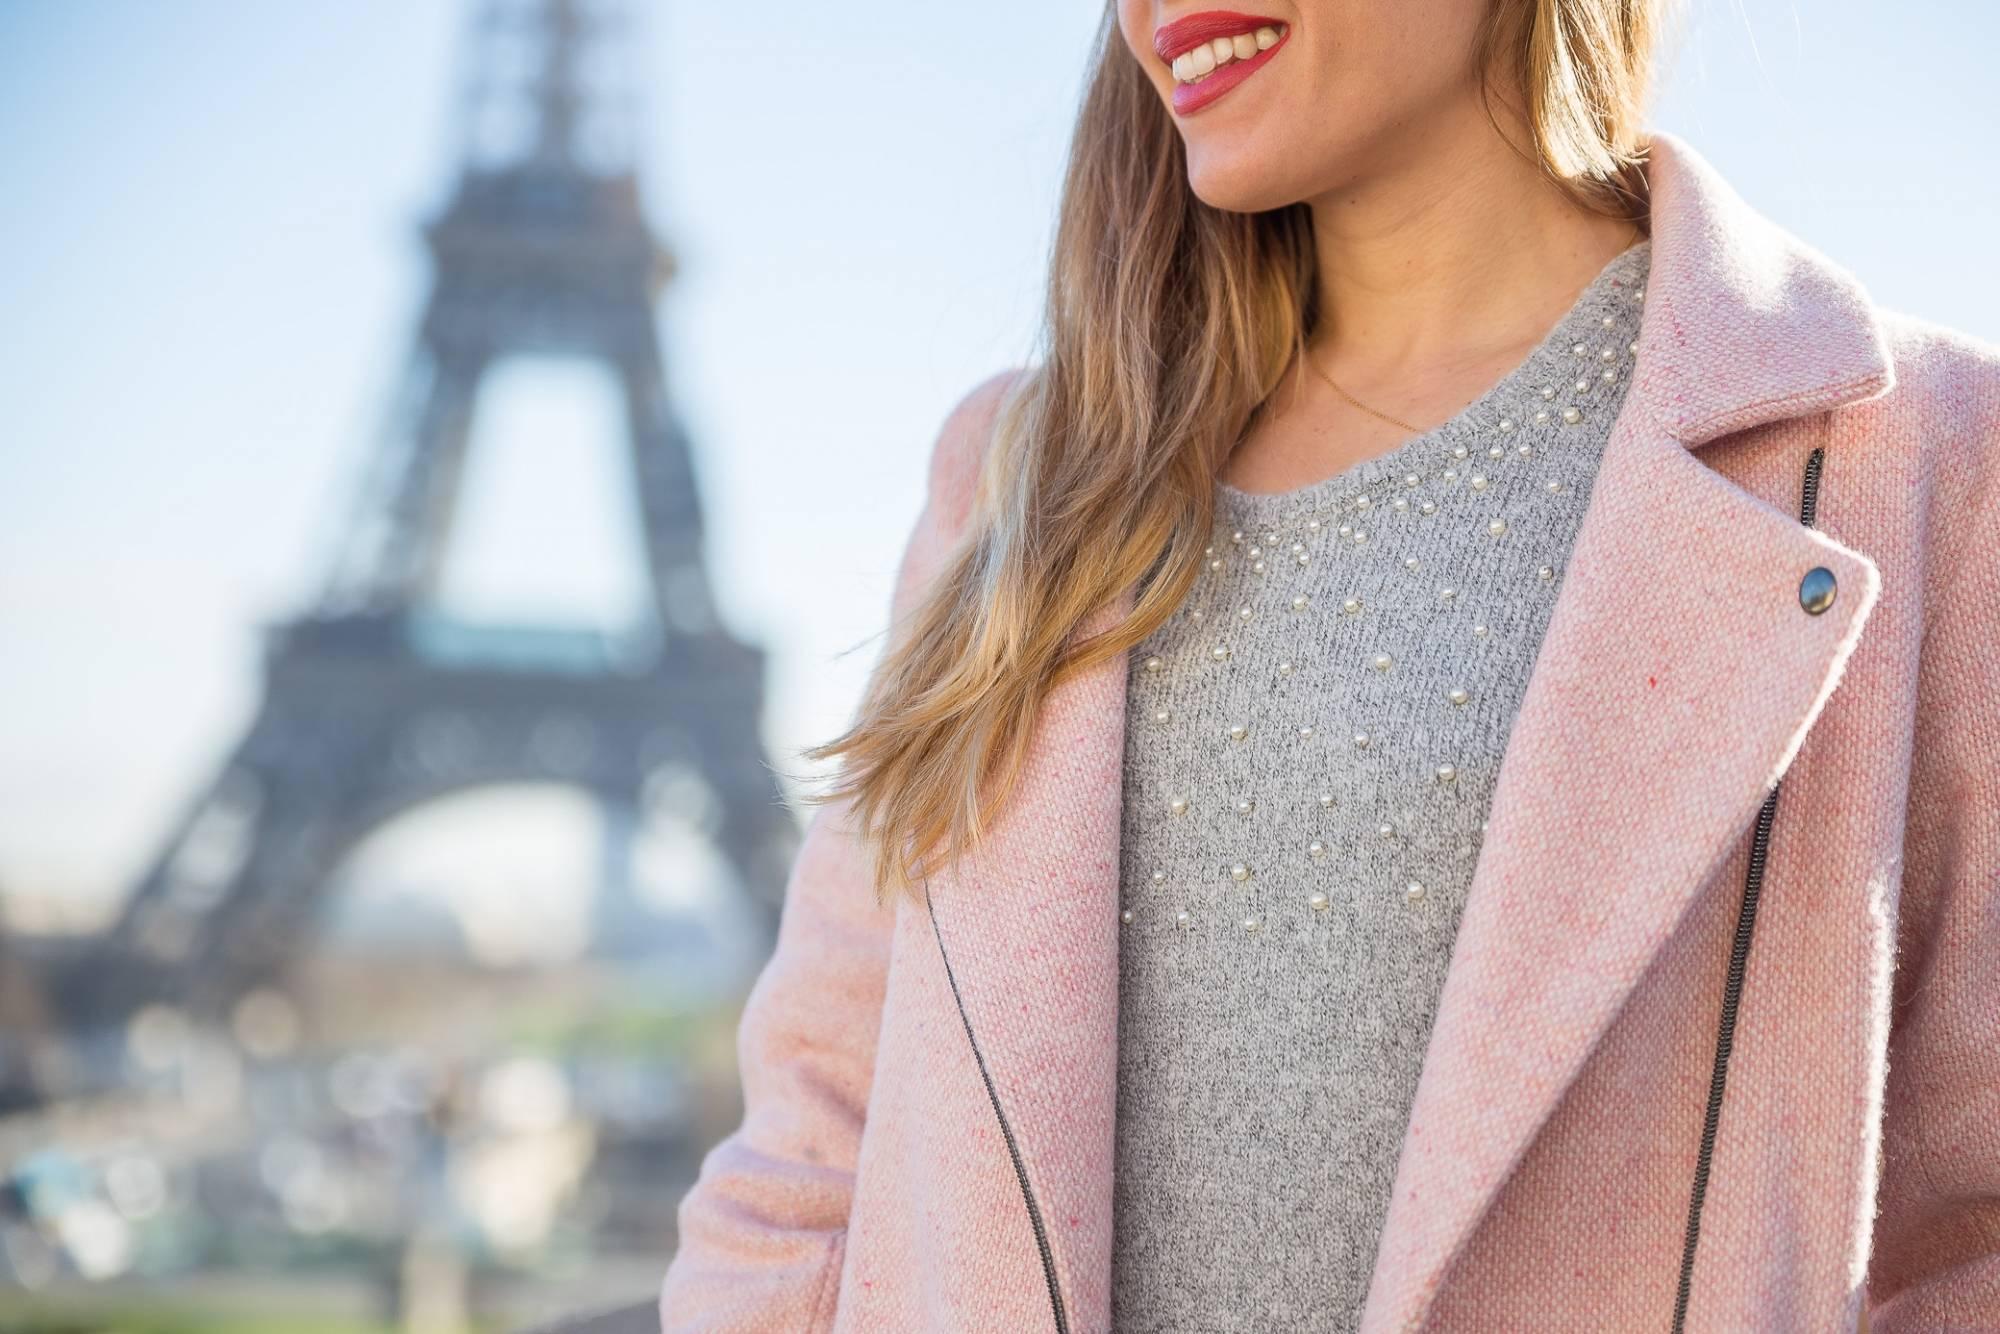 Détails pull gris et manteau rose